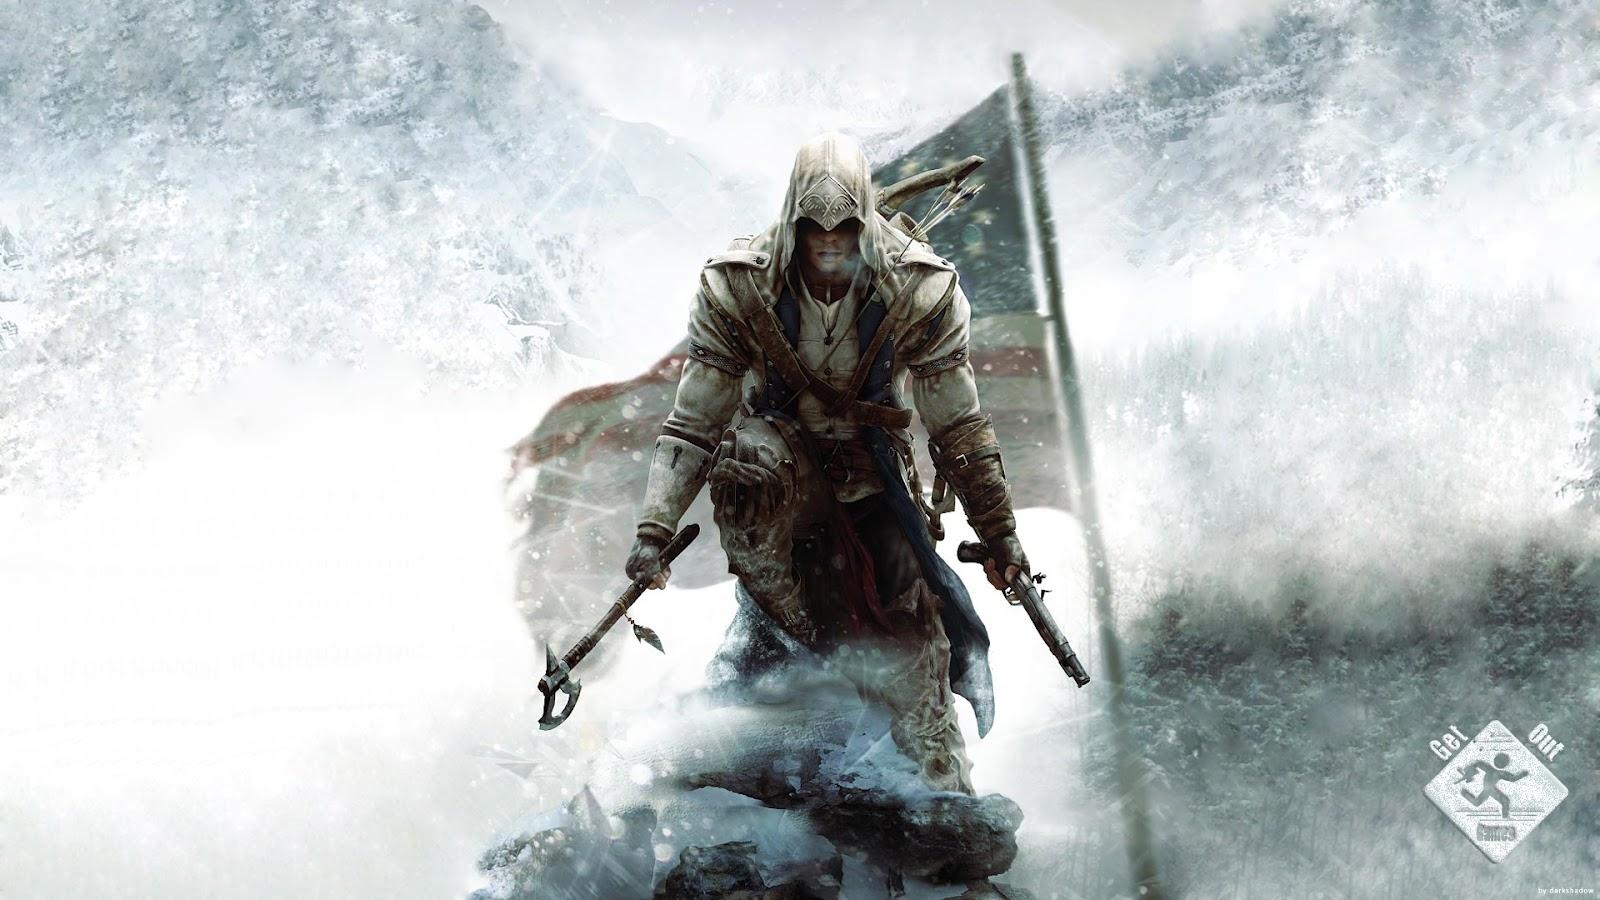 http://4.bp.blogspot.com/-FKvIKi5wH10/T80Fks5vSaI/AAAAAAAAAig/W0pND7hlW00/s1600/Wallpaper-assassins-creed-iii-ac3-Assassins-Creed.jpg